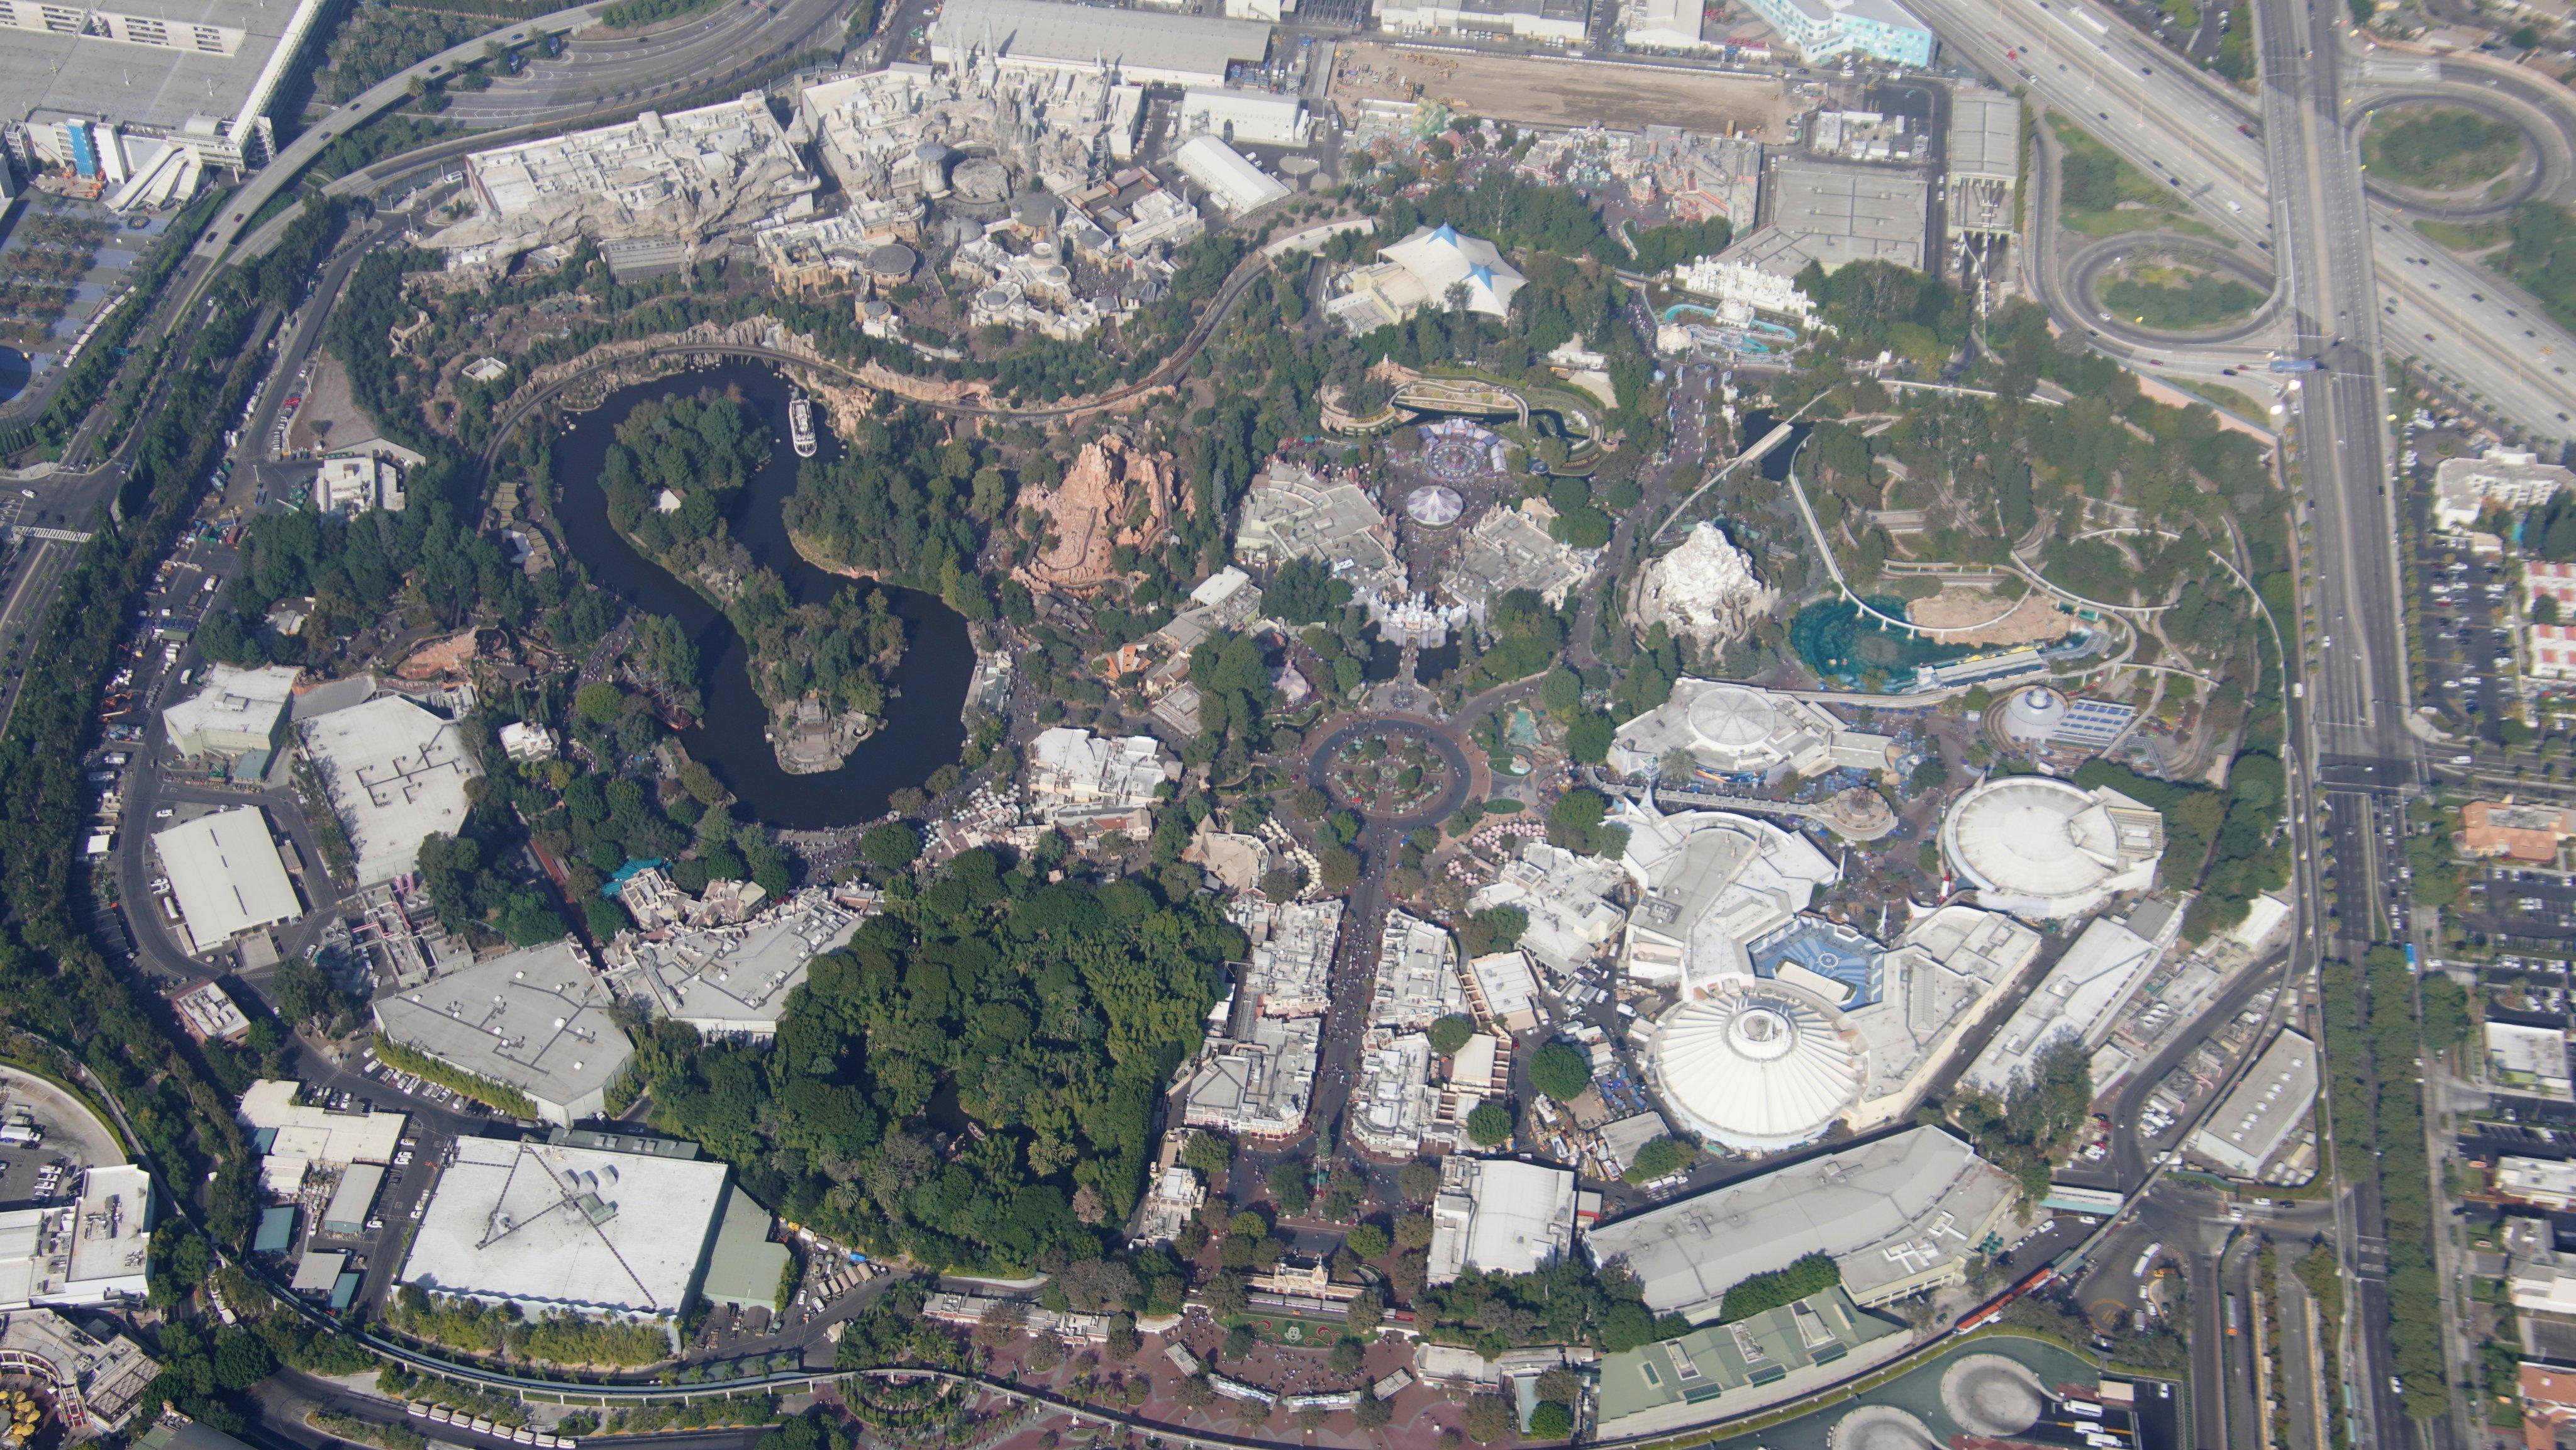 Disneyland Resort vu du ciel, des images sublimes! EJaZv_GU4AEs3mP?format=jpg&name=4096x4096